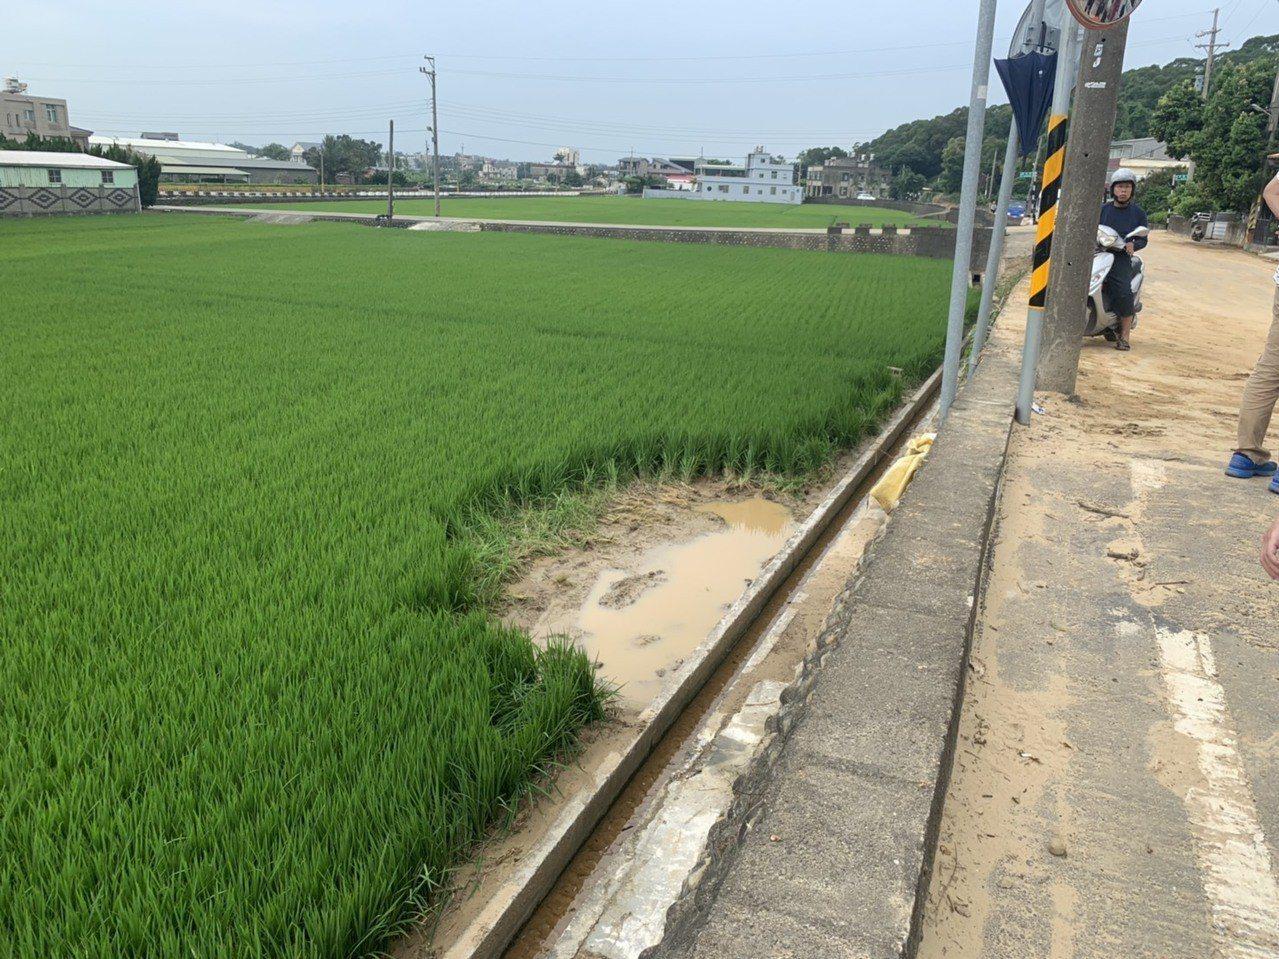 新竹縣竹北市尚義街附近住家、農舍均遭土石流入侵,連巷弄出口下方的稻田,也被泥流沖...